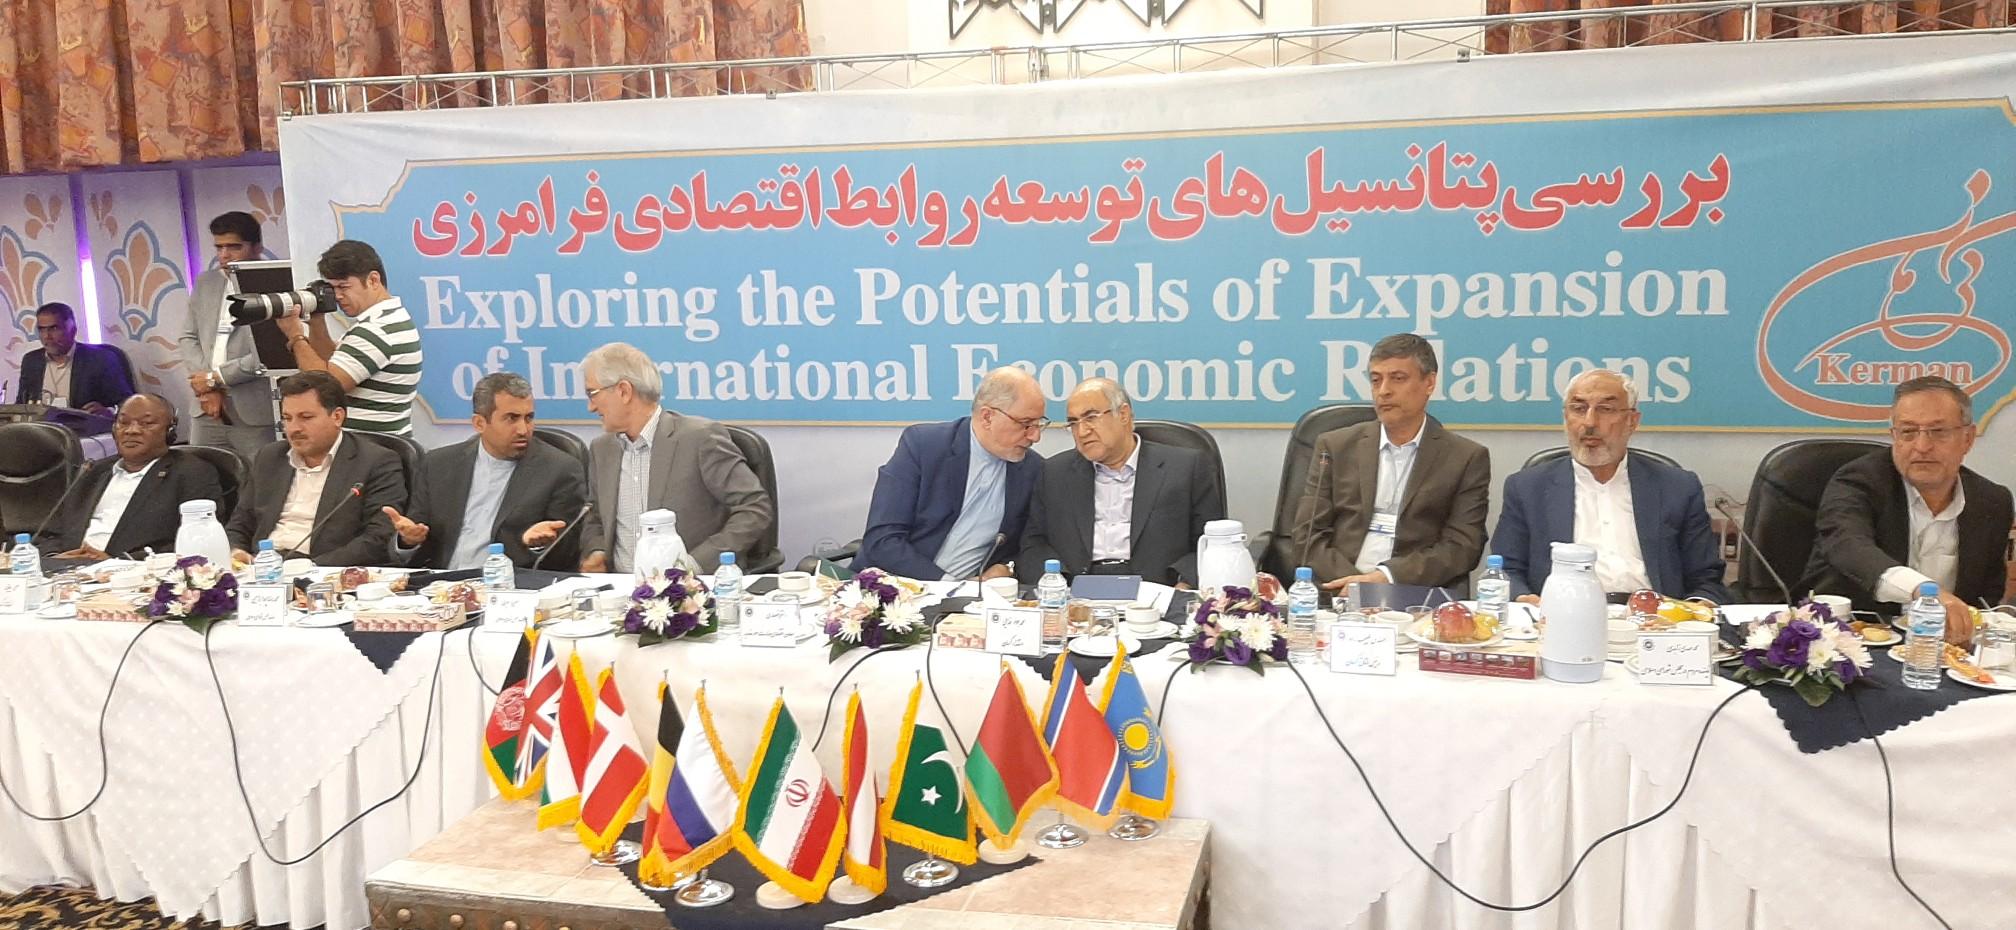 ارتباط تجاری کرمان با ۶۶ کشور جهان/رایزن های اقتصادی جلوی رفتارهای خصمانه ضد تجاری را بگیرند